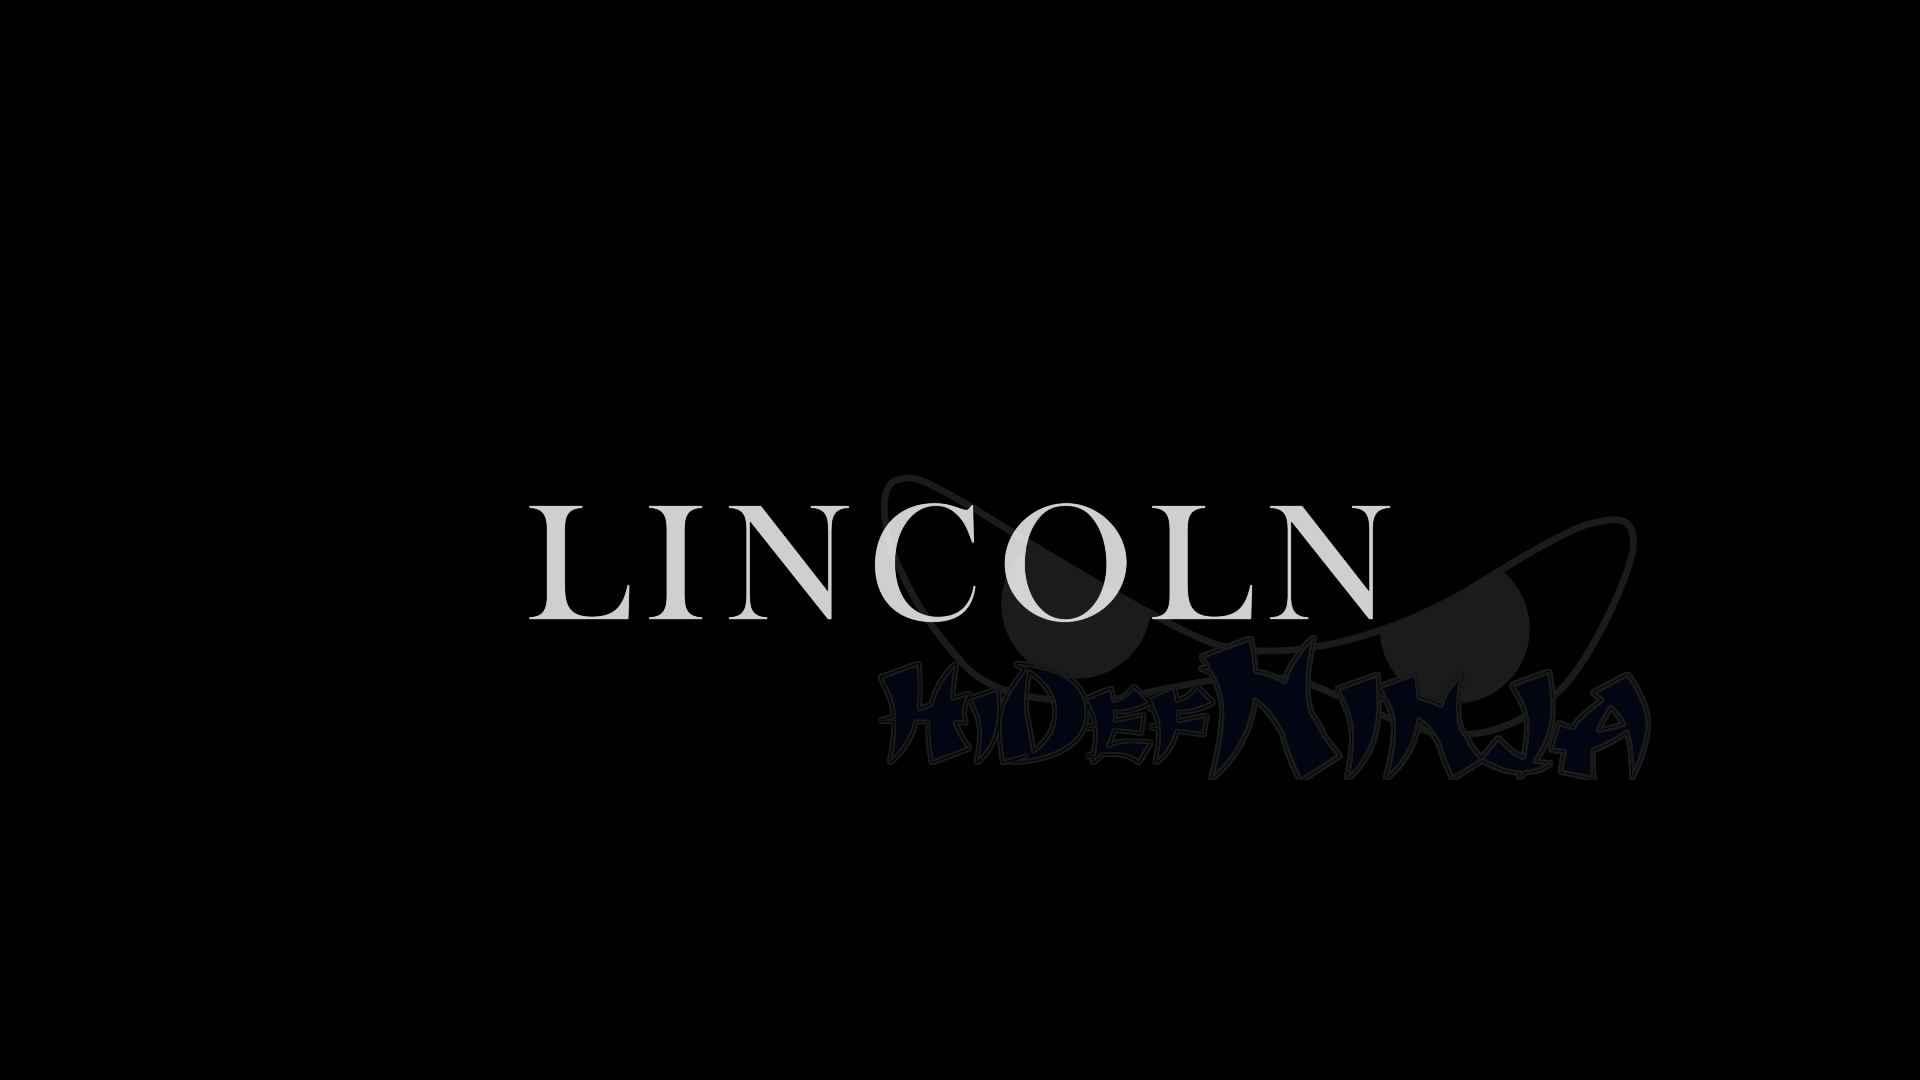 Lincoln-1